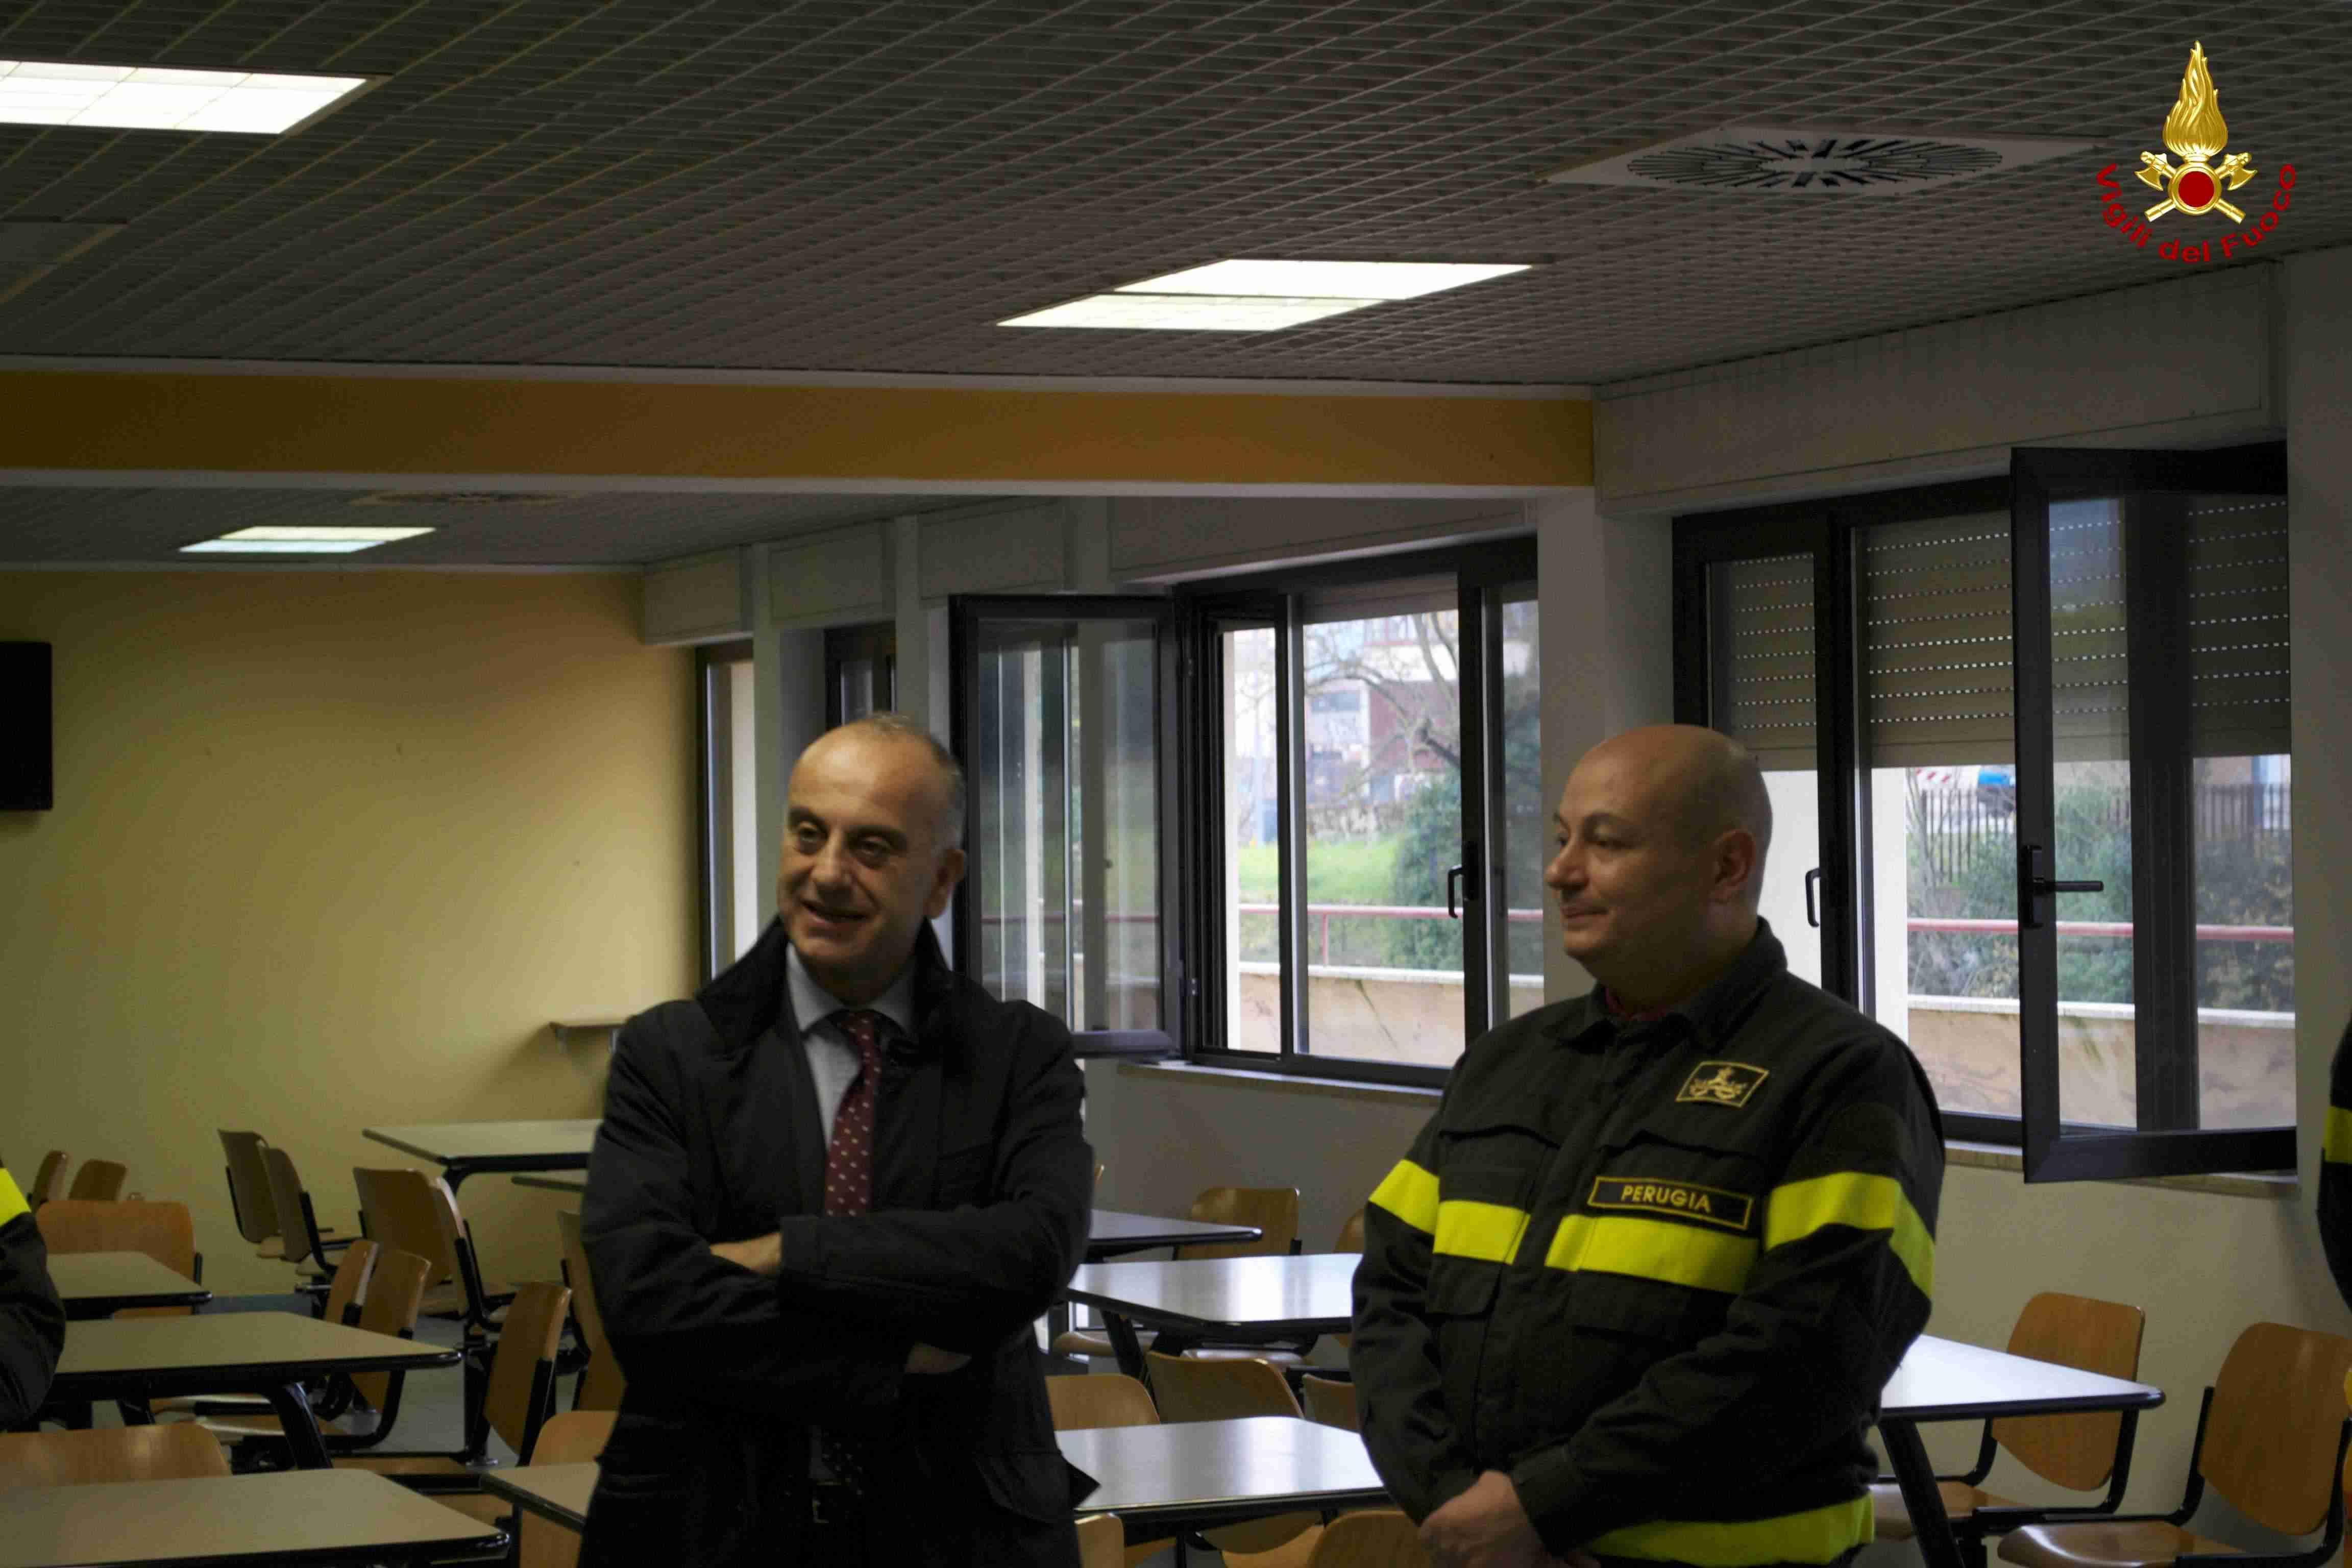 Perugia visita del sottosegretario ministero dell 39 interno for I ministero interno